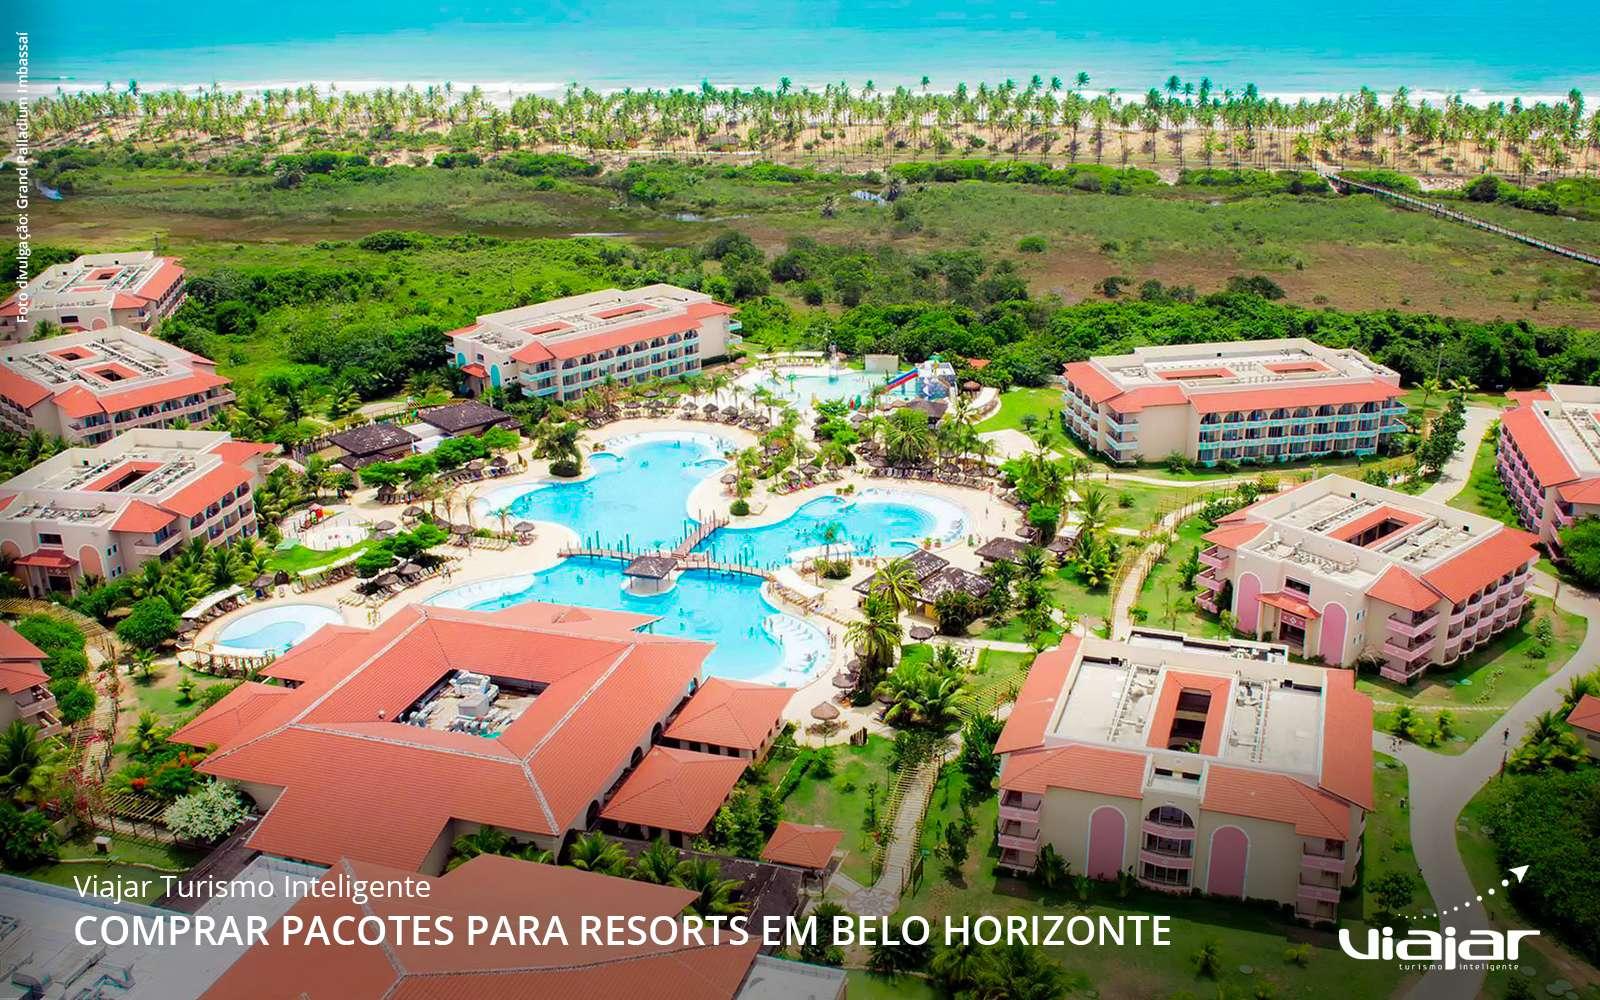 viajar-turismo-inteligente-comprar-pacotes-resorts-belo-horizonte-minas-gerais-02-1